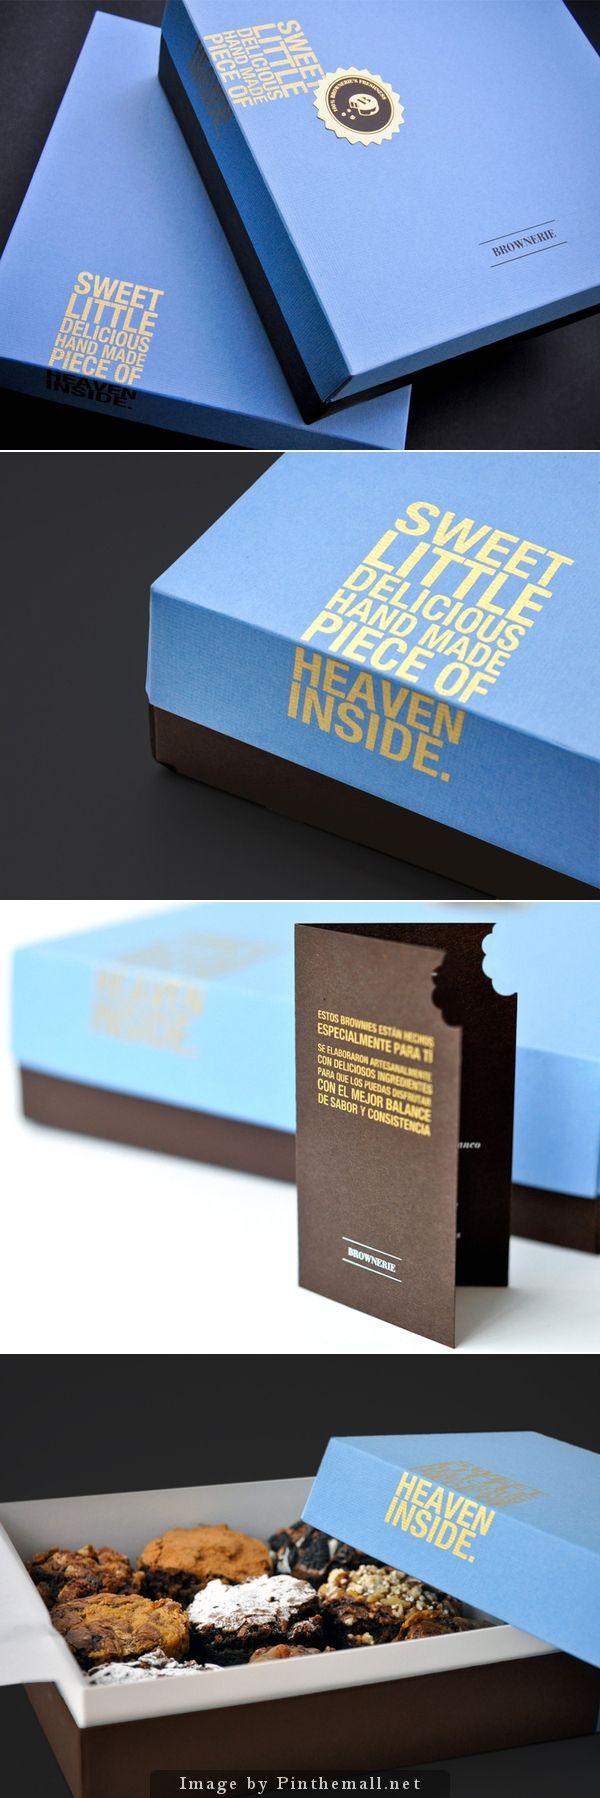 Brownerie-Branding-Packaging